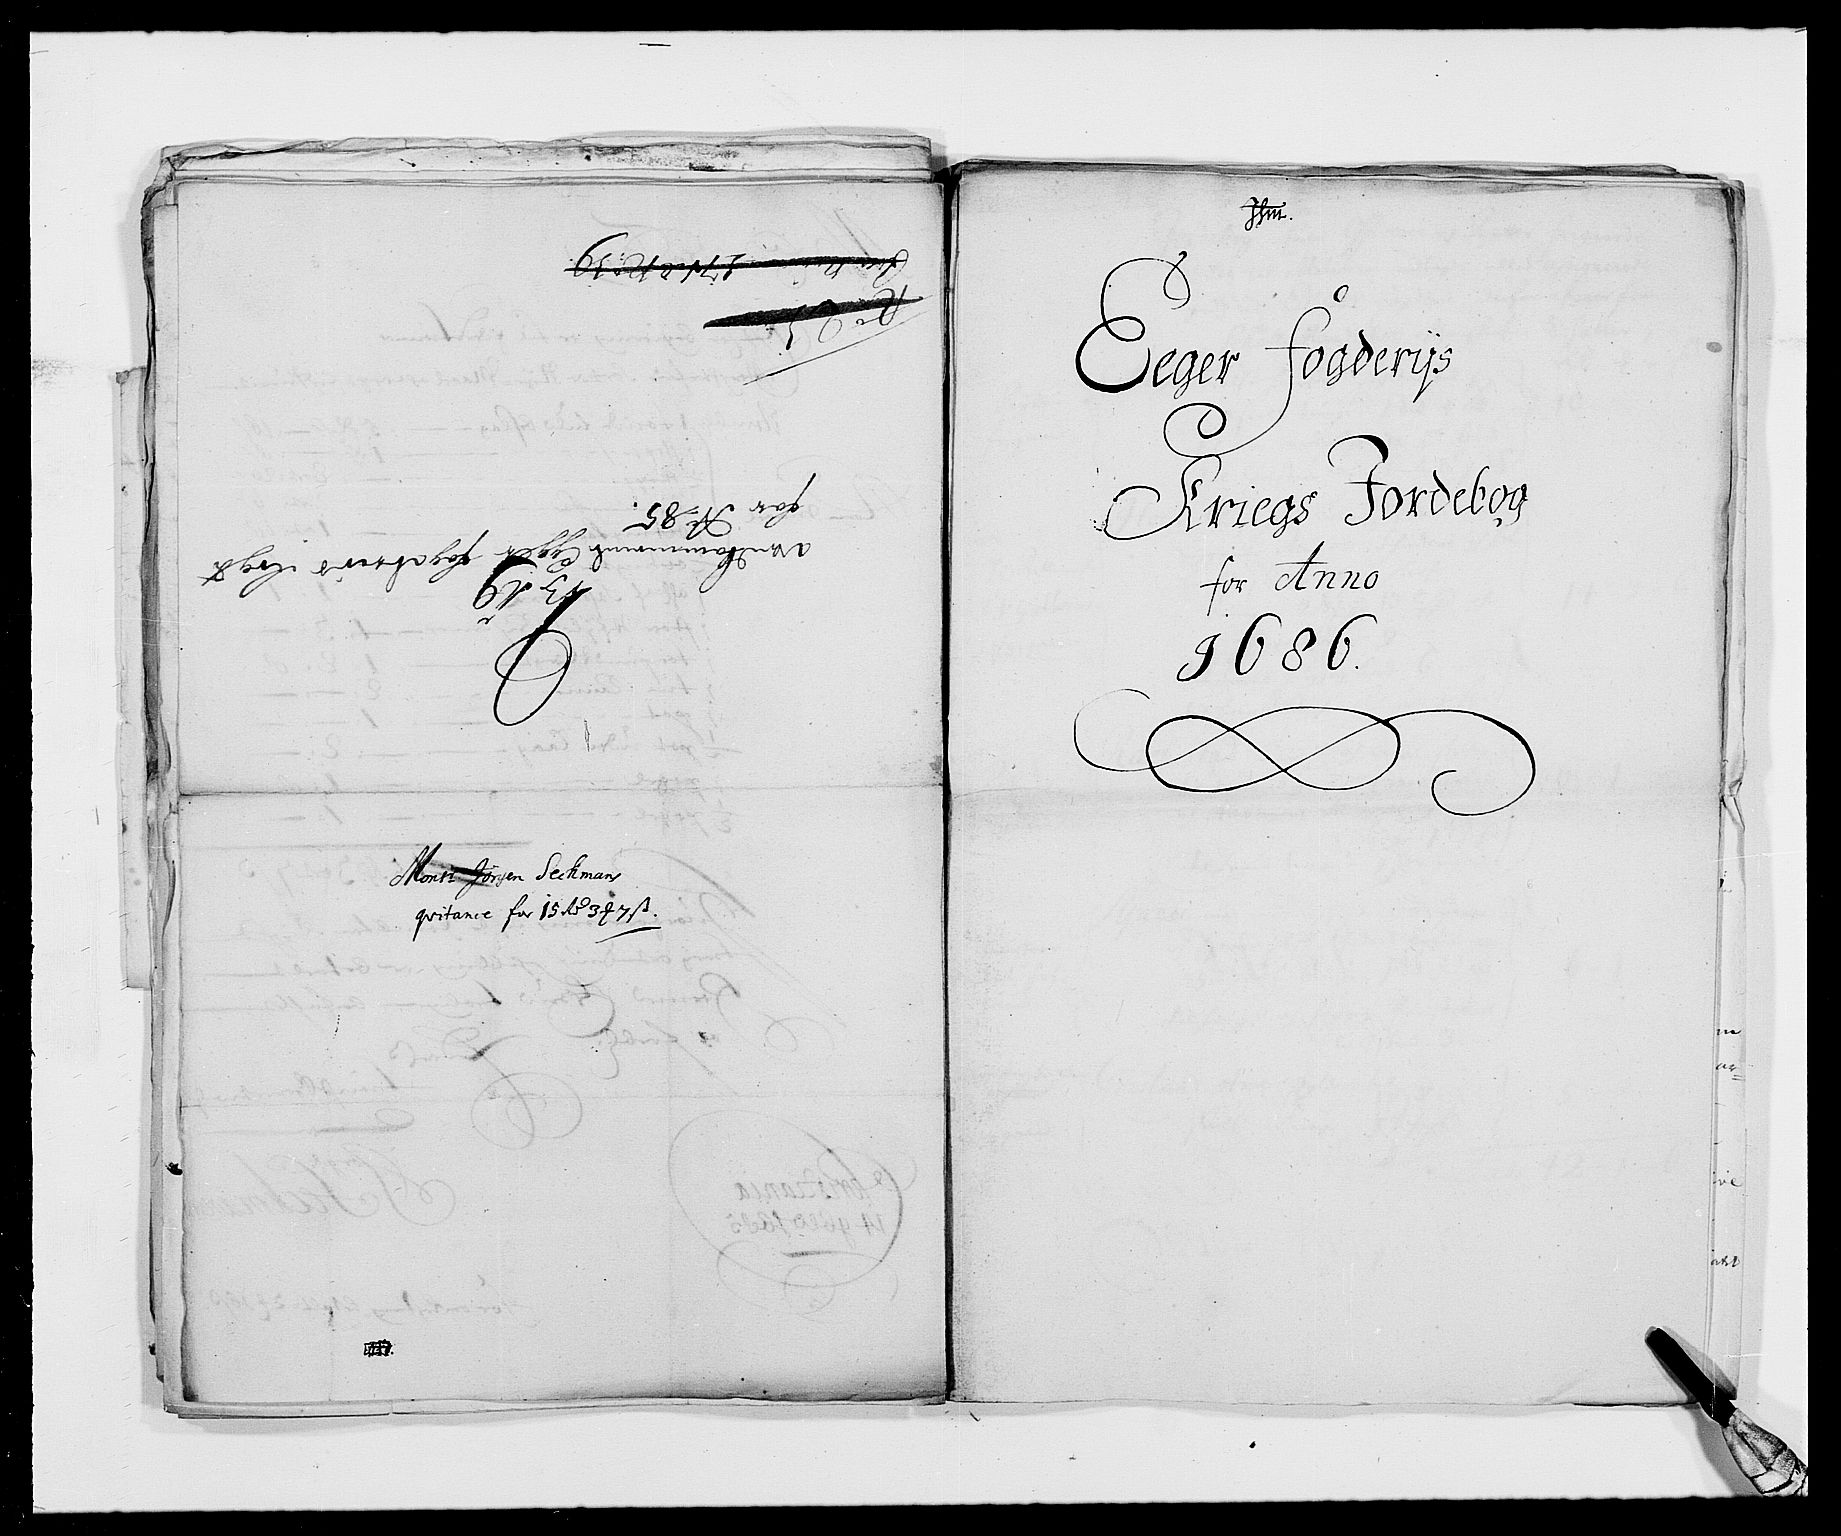 RA, Rentekammeret inntil 1814, Reviderte regnskaper, Fogderegnskap, R26/L1685: Fogderegnskap Eiker, 1679-1686, s. 286